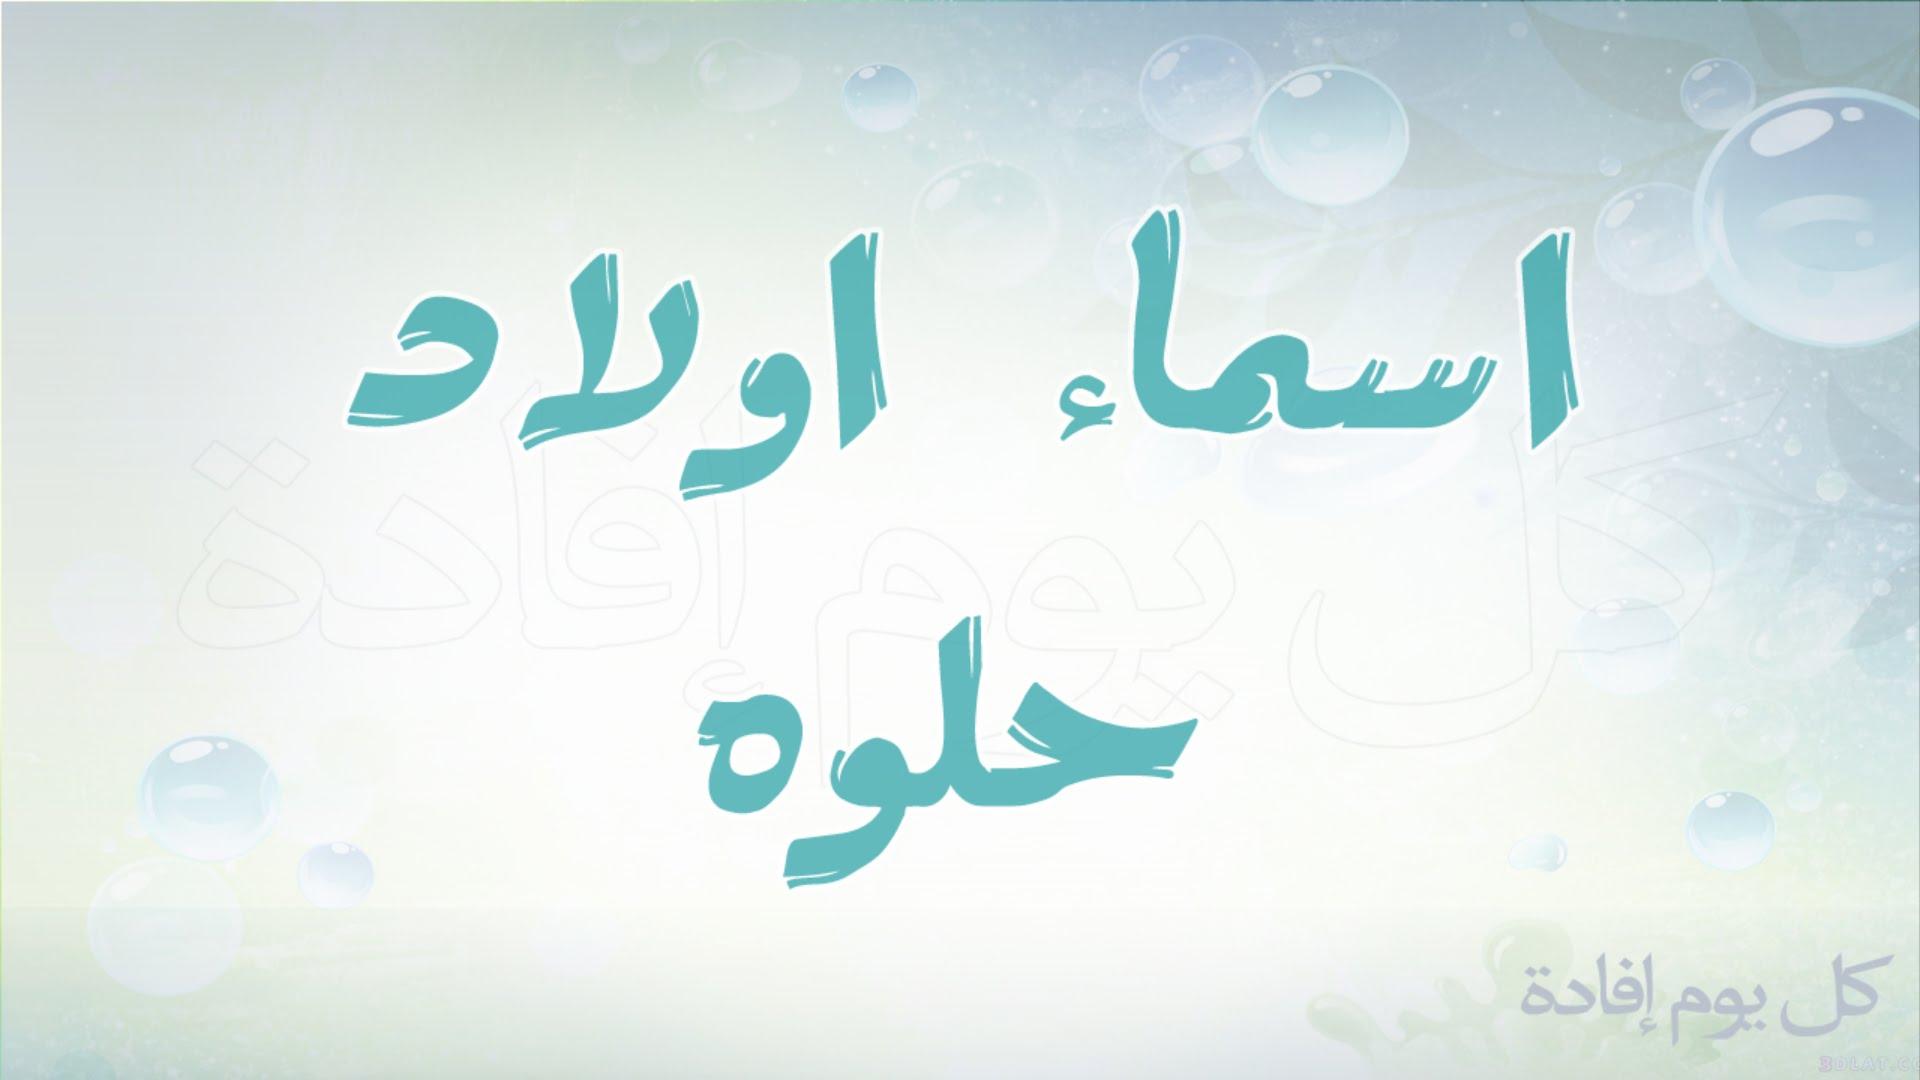 صور اجمل اسماء عربية ذكور